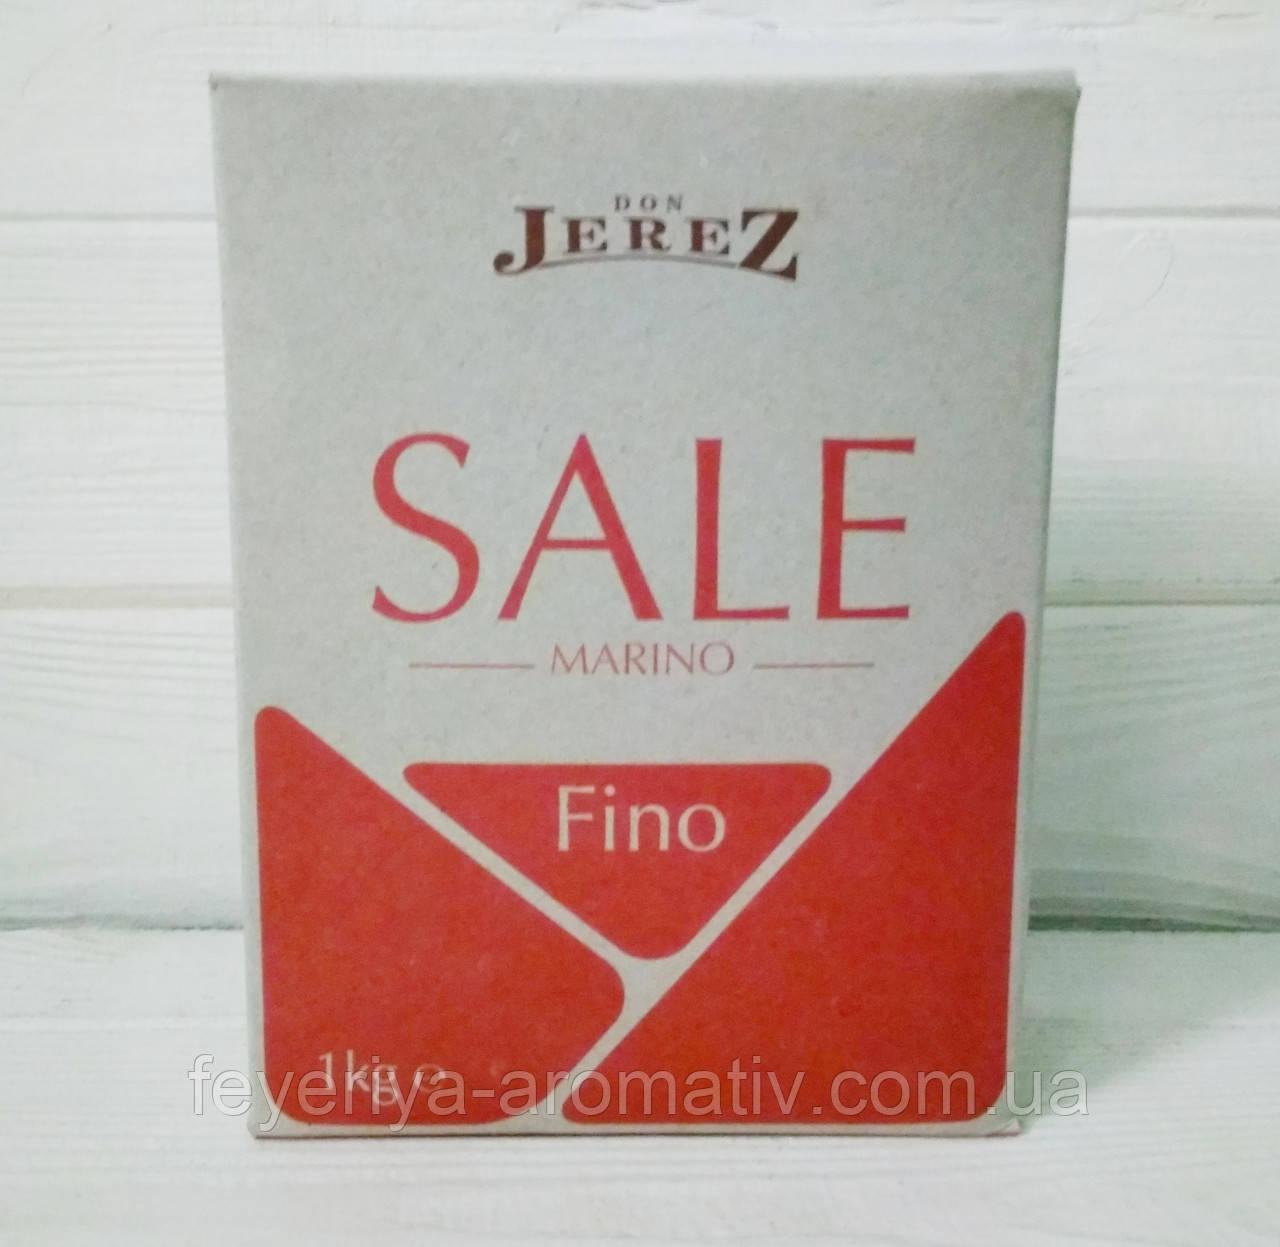 Мелкая морская соль Don Jerez Sale Marino Fino 1кг (Италия)